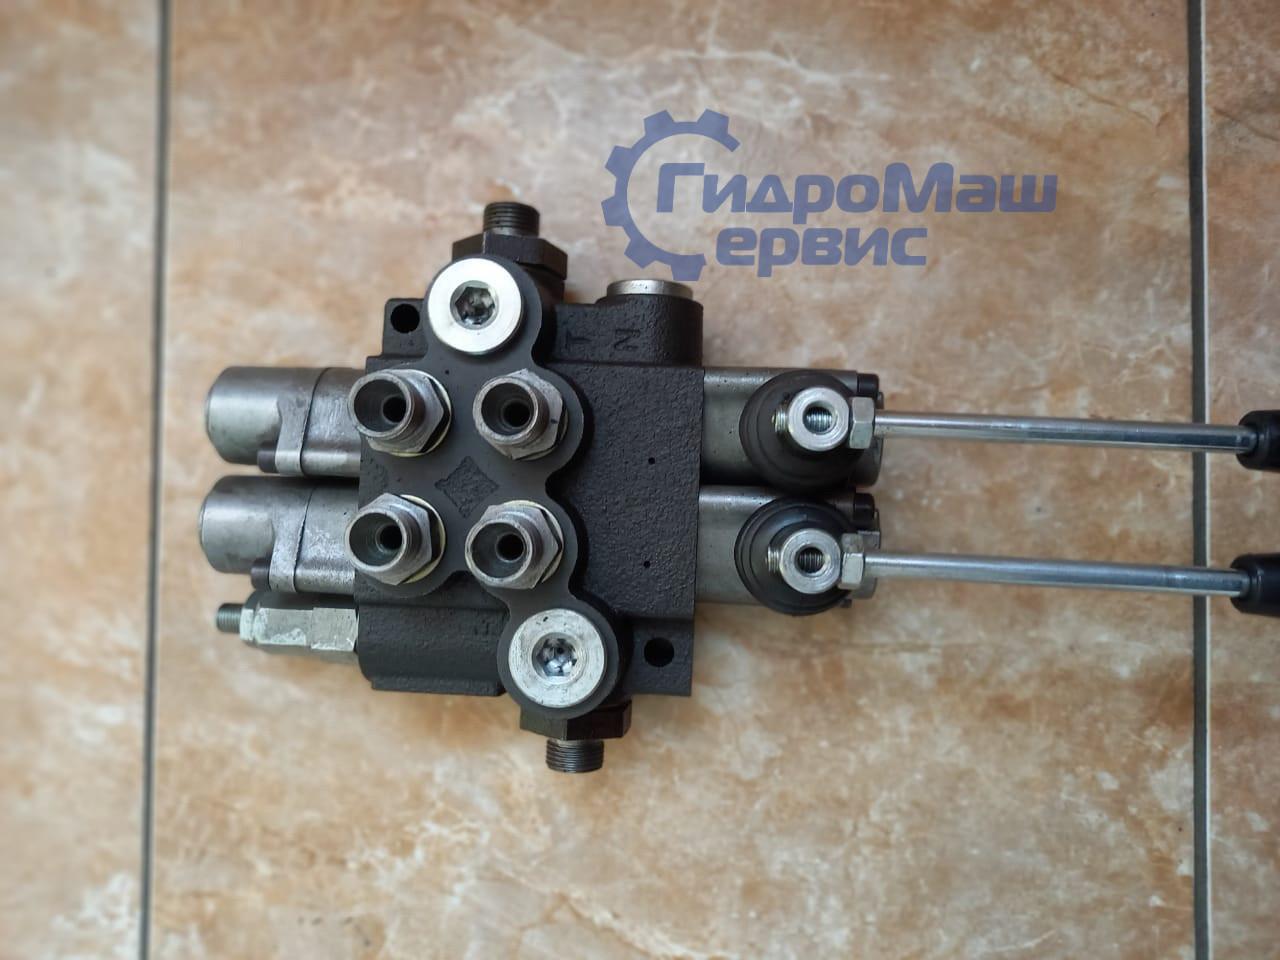 Гидророаспределитель 02Р40-1А1А1А1А GKz1 (с плав. положен.)